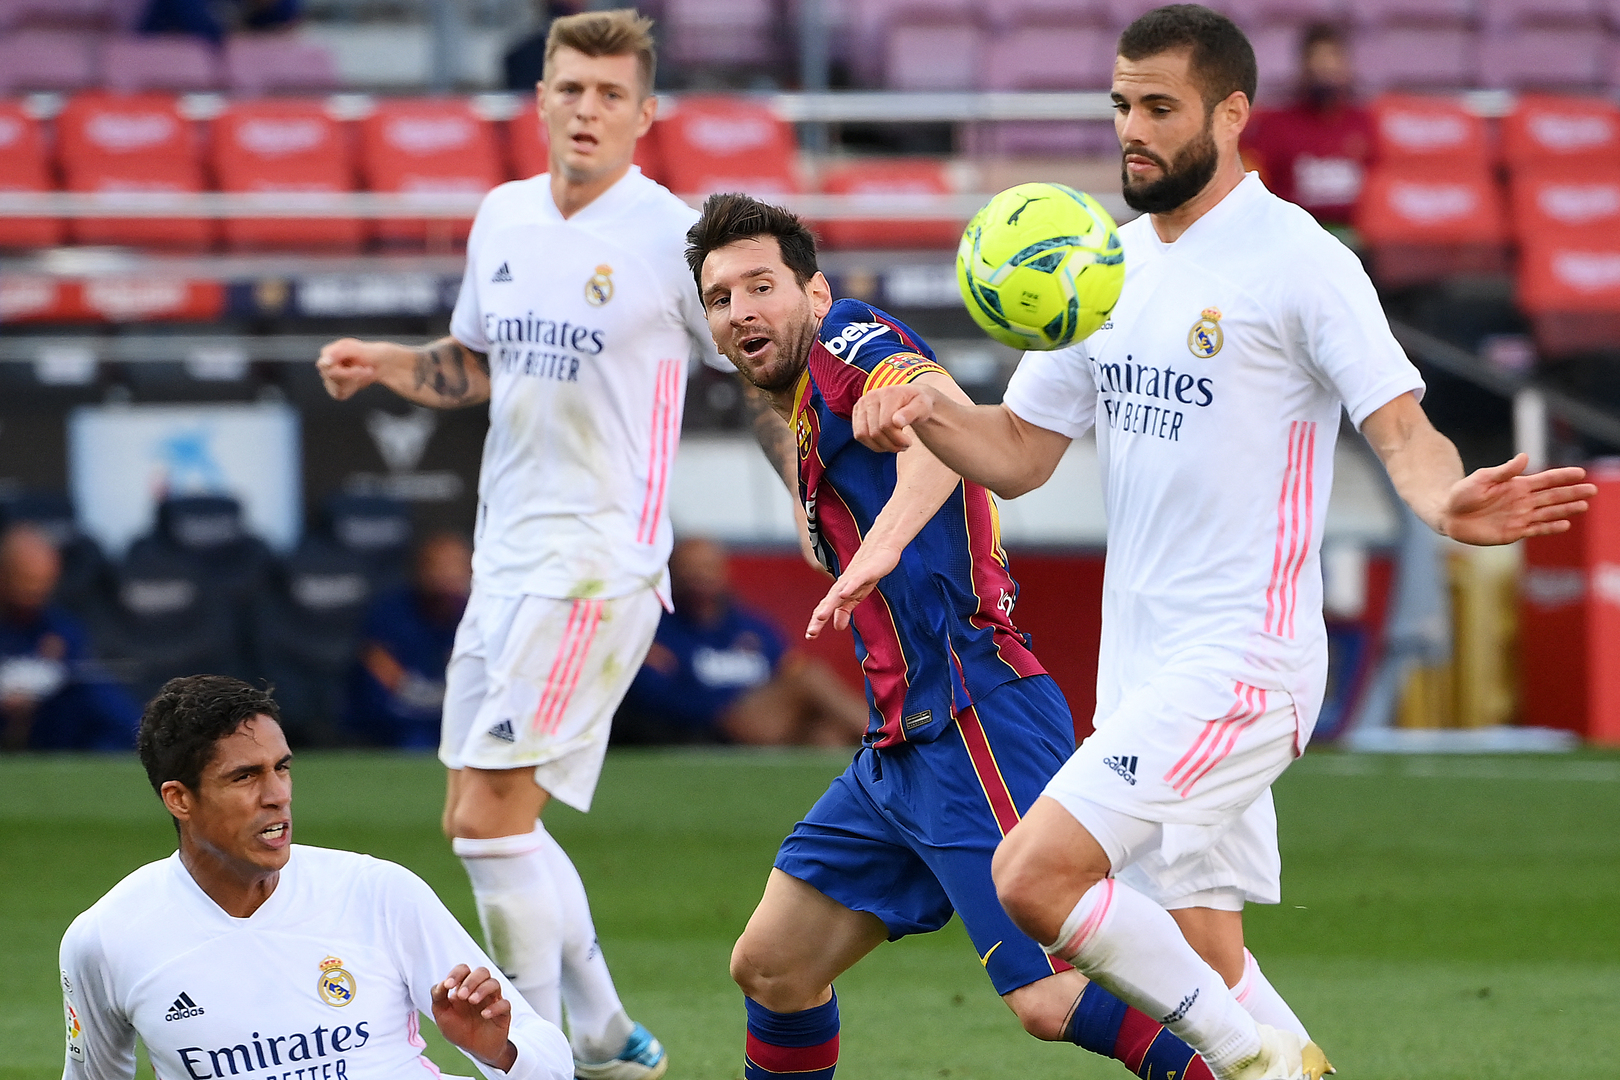 تشكيل ريال مدريد المتوقع أمام برشلونة الليلة في